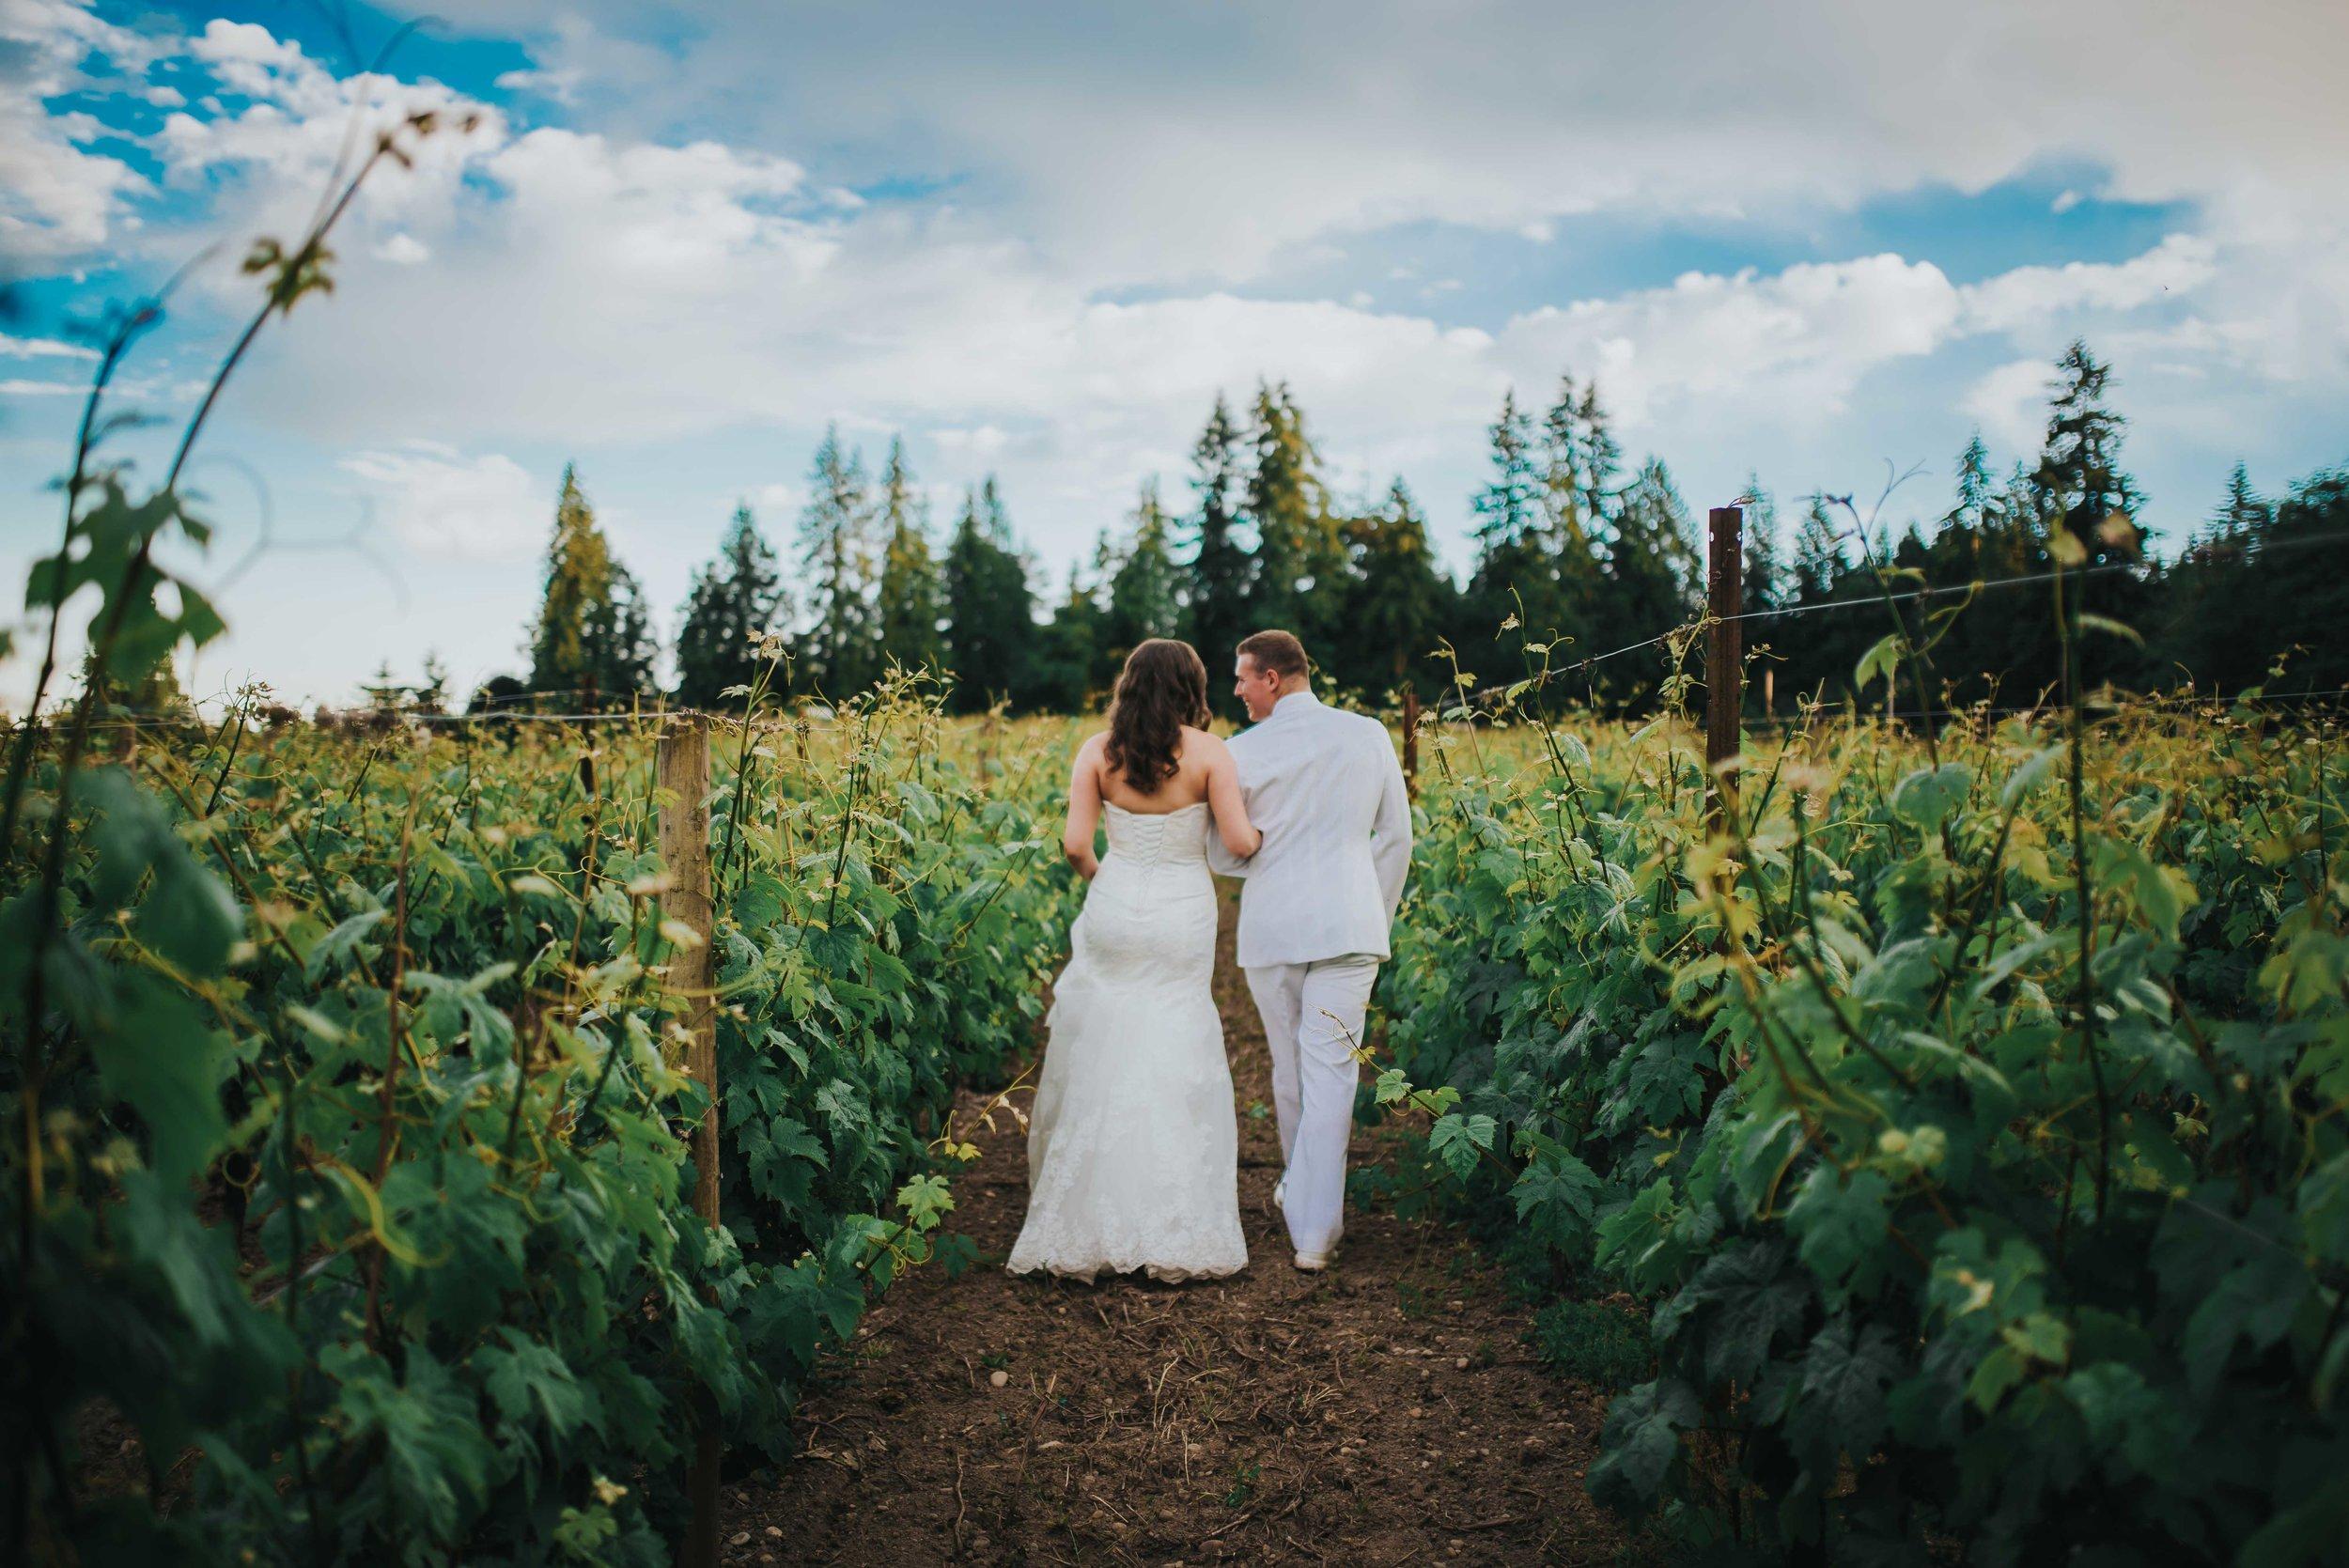 Whidbey-Wedding-Photographer-56.jpg